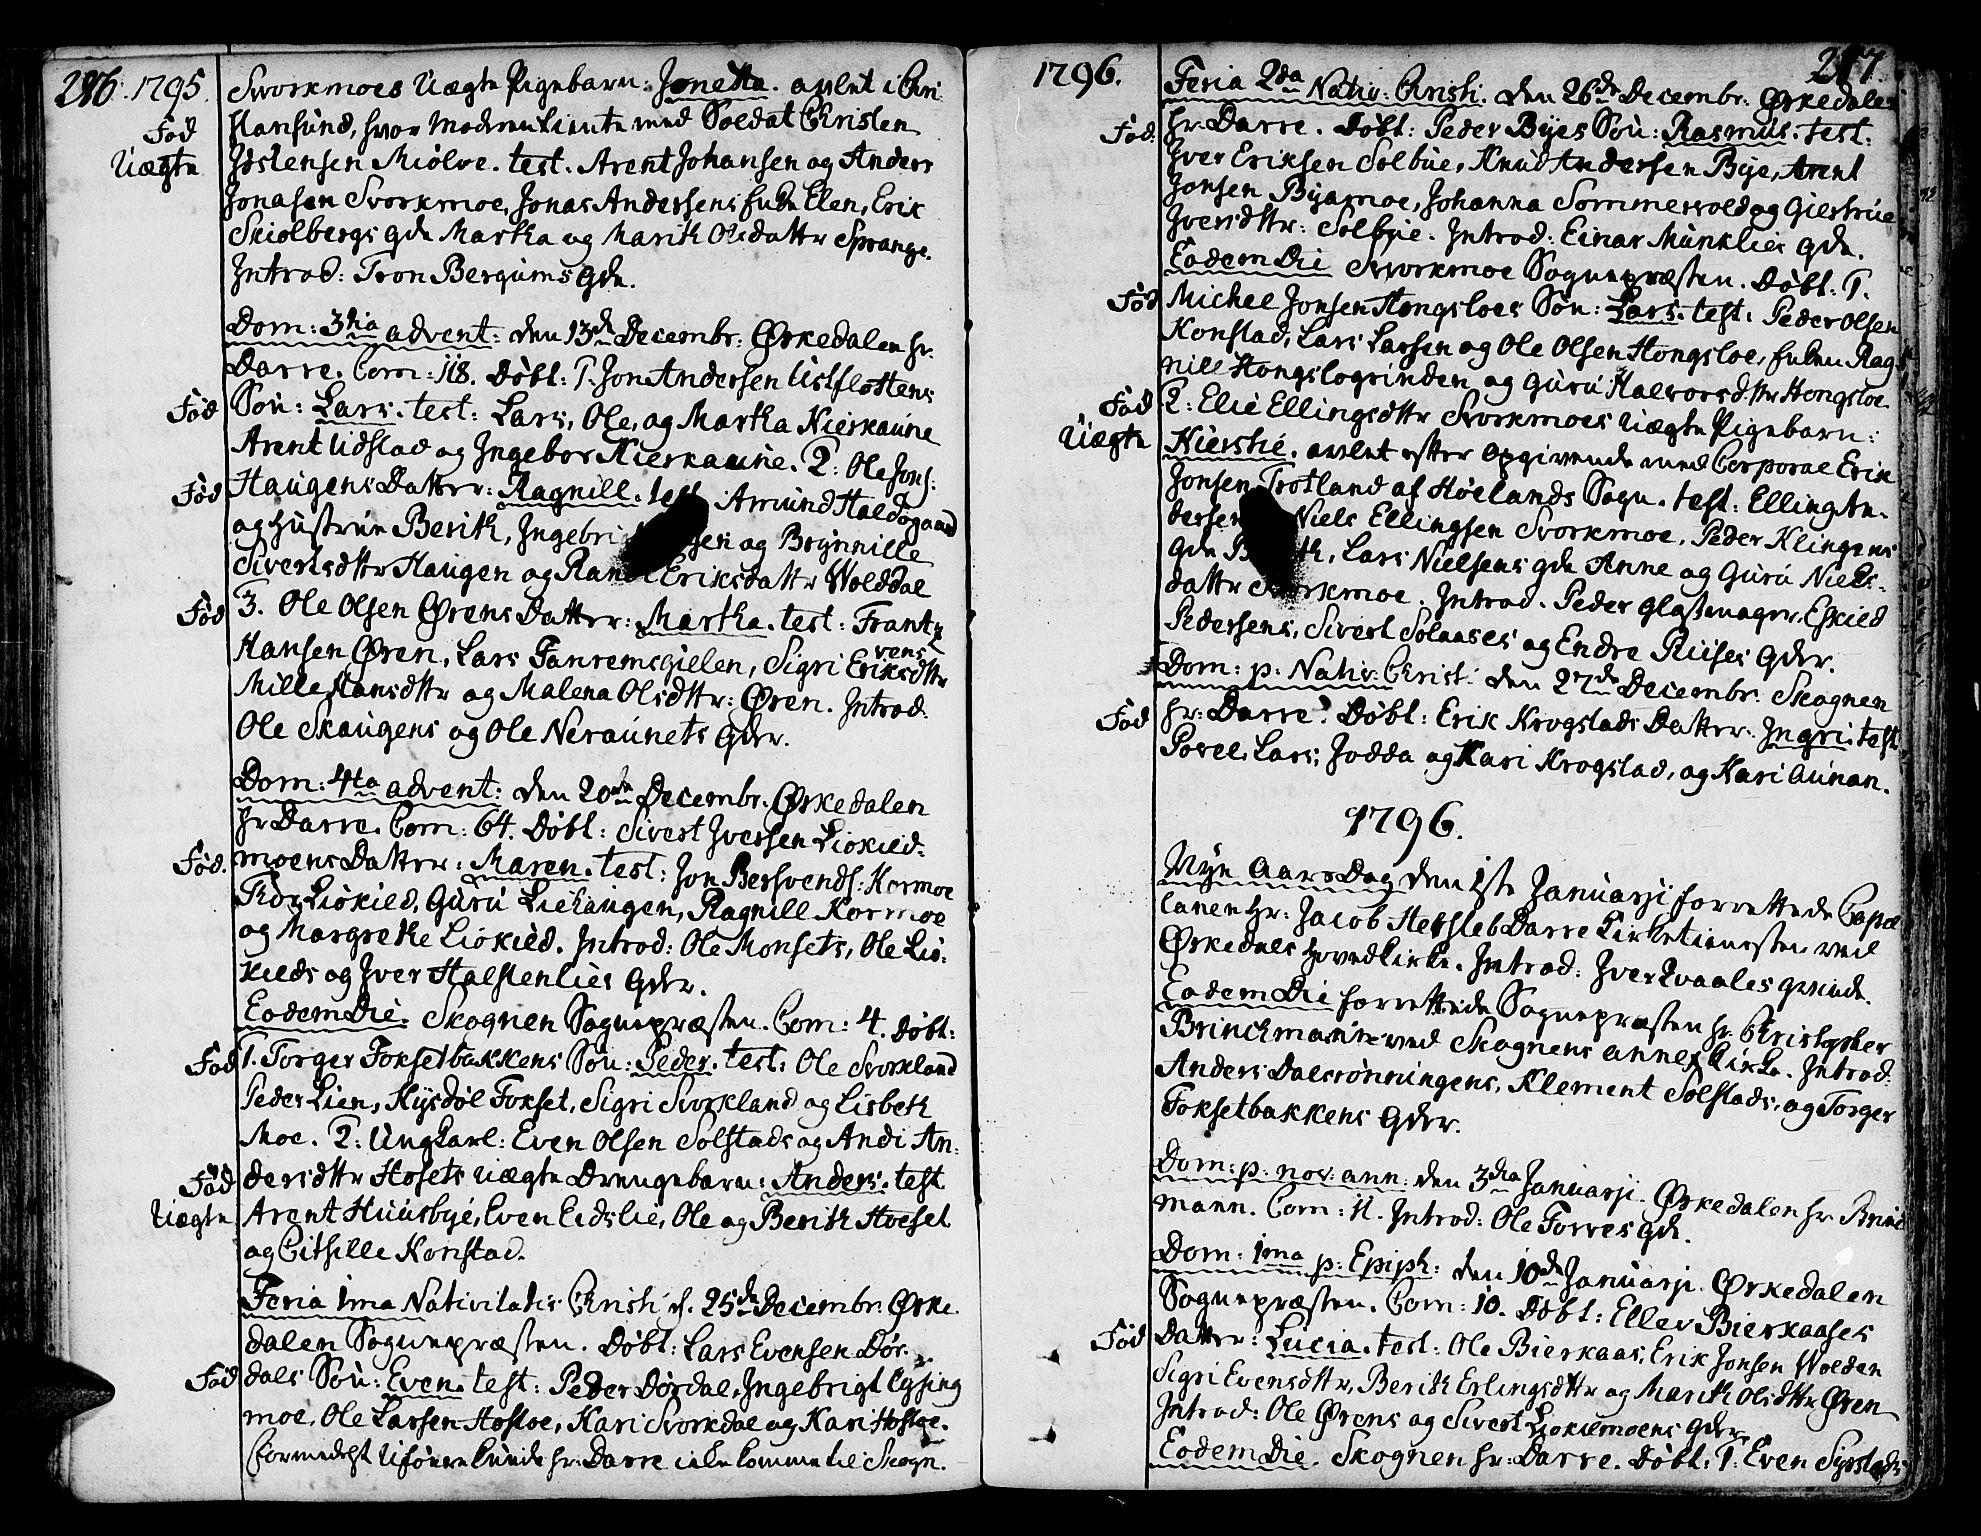 SAT, Ministerialprotokoller, klokkerbøker og fødselsregistre - Sør-Trøndelag, 668/L0802: Ministerialbok nr. 668A02, 1776-1799, s. 286-287